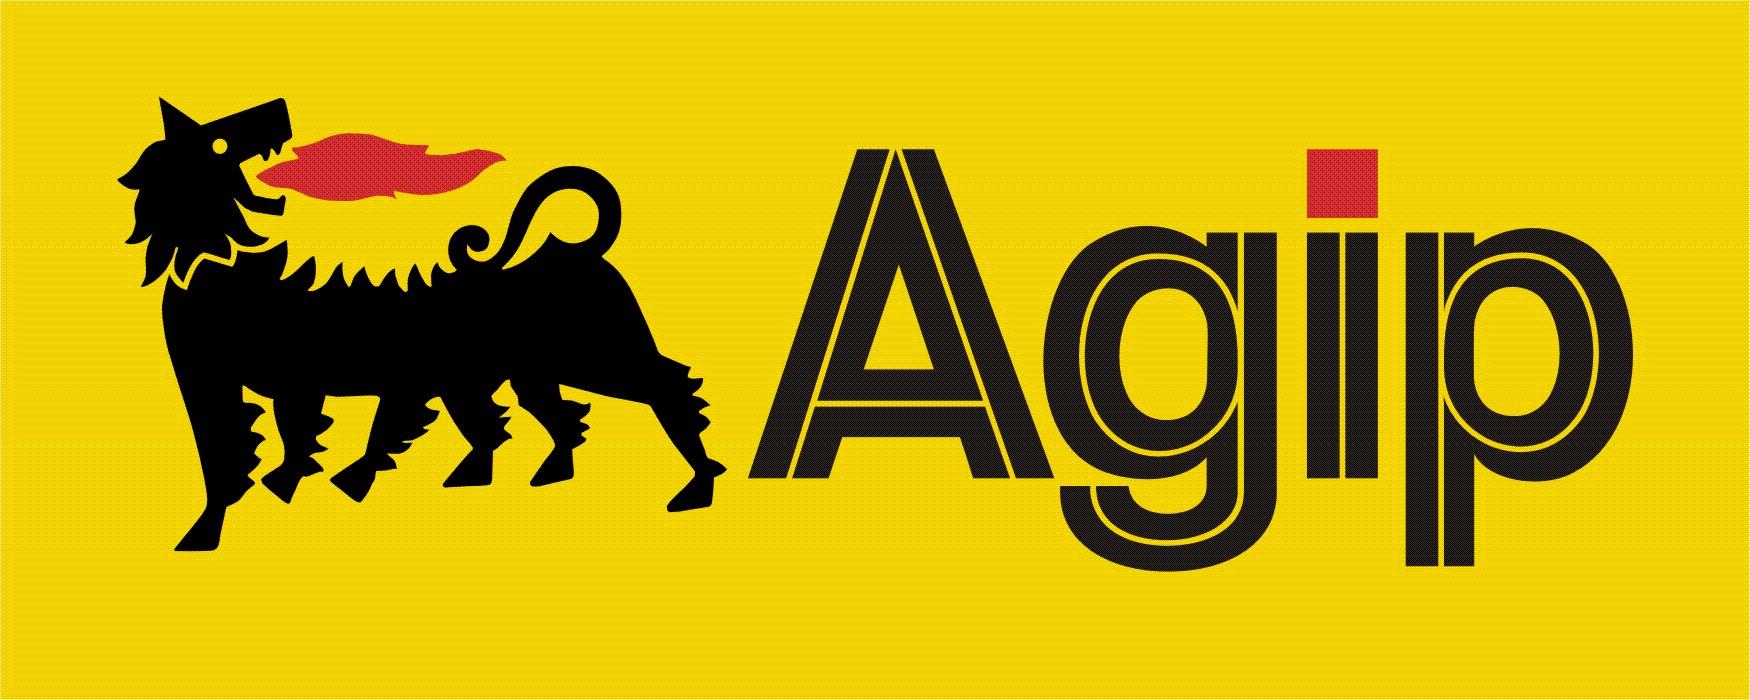 Agip yello logo